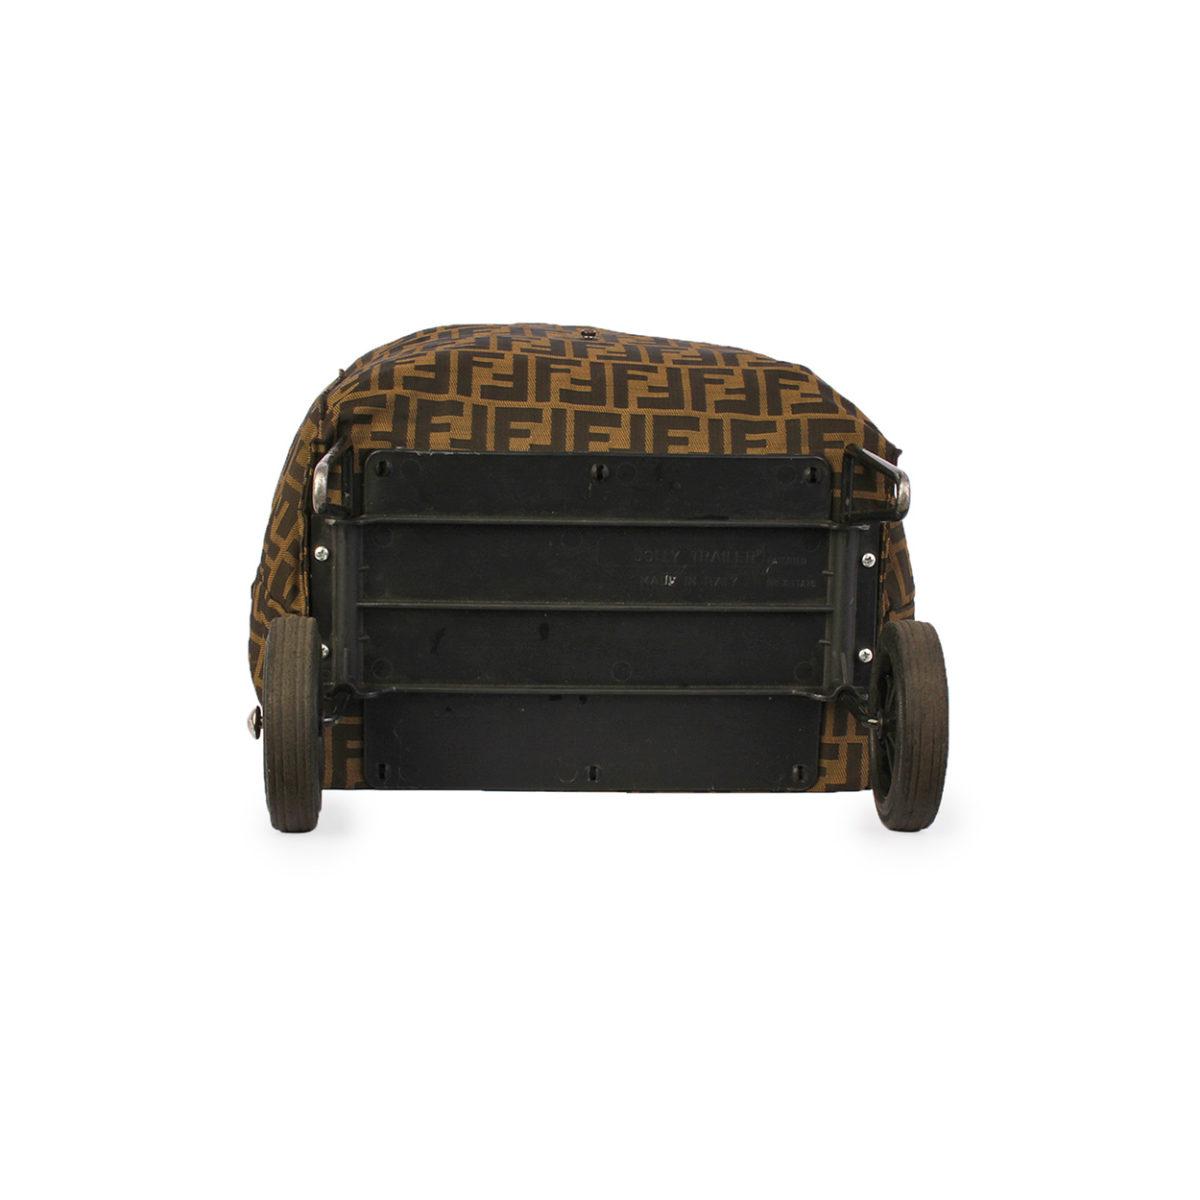 ffc26f5225 ... promo code fendi zucca trolley bag 5791c 49a92